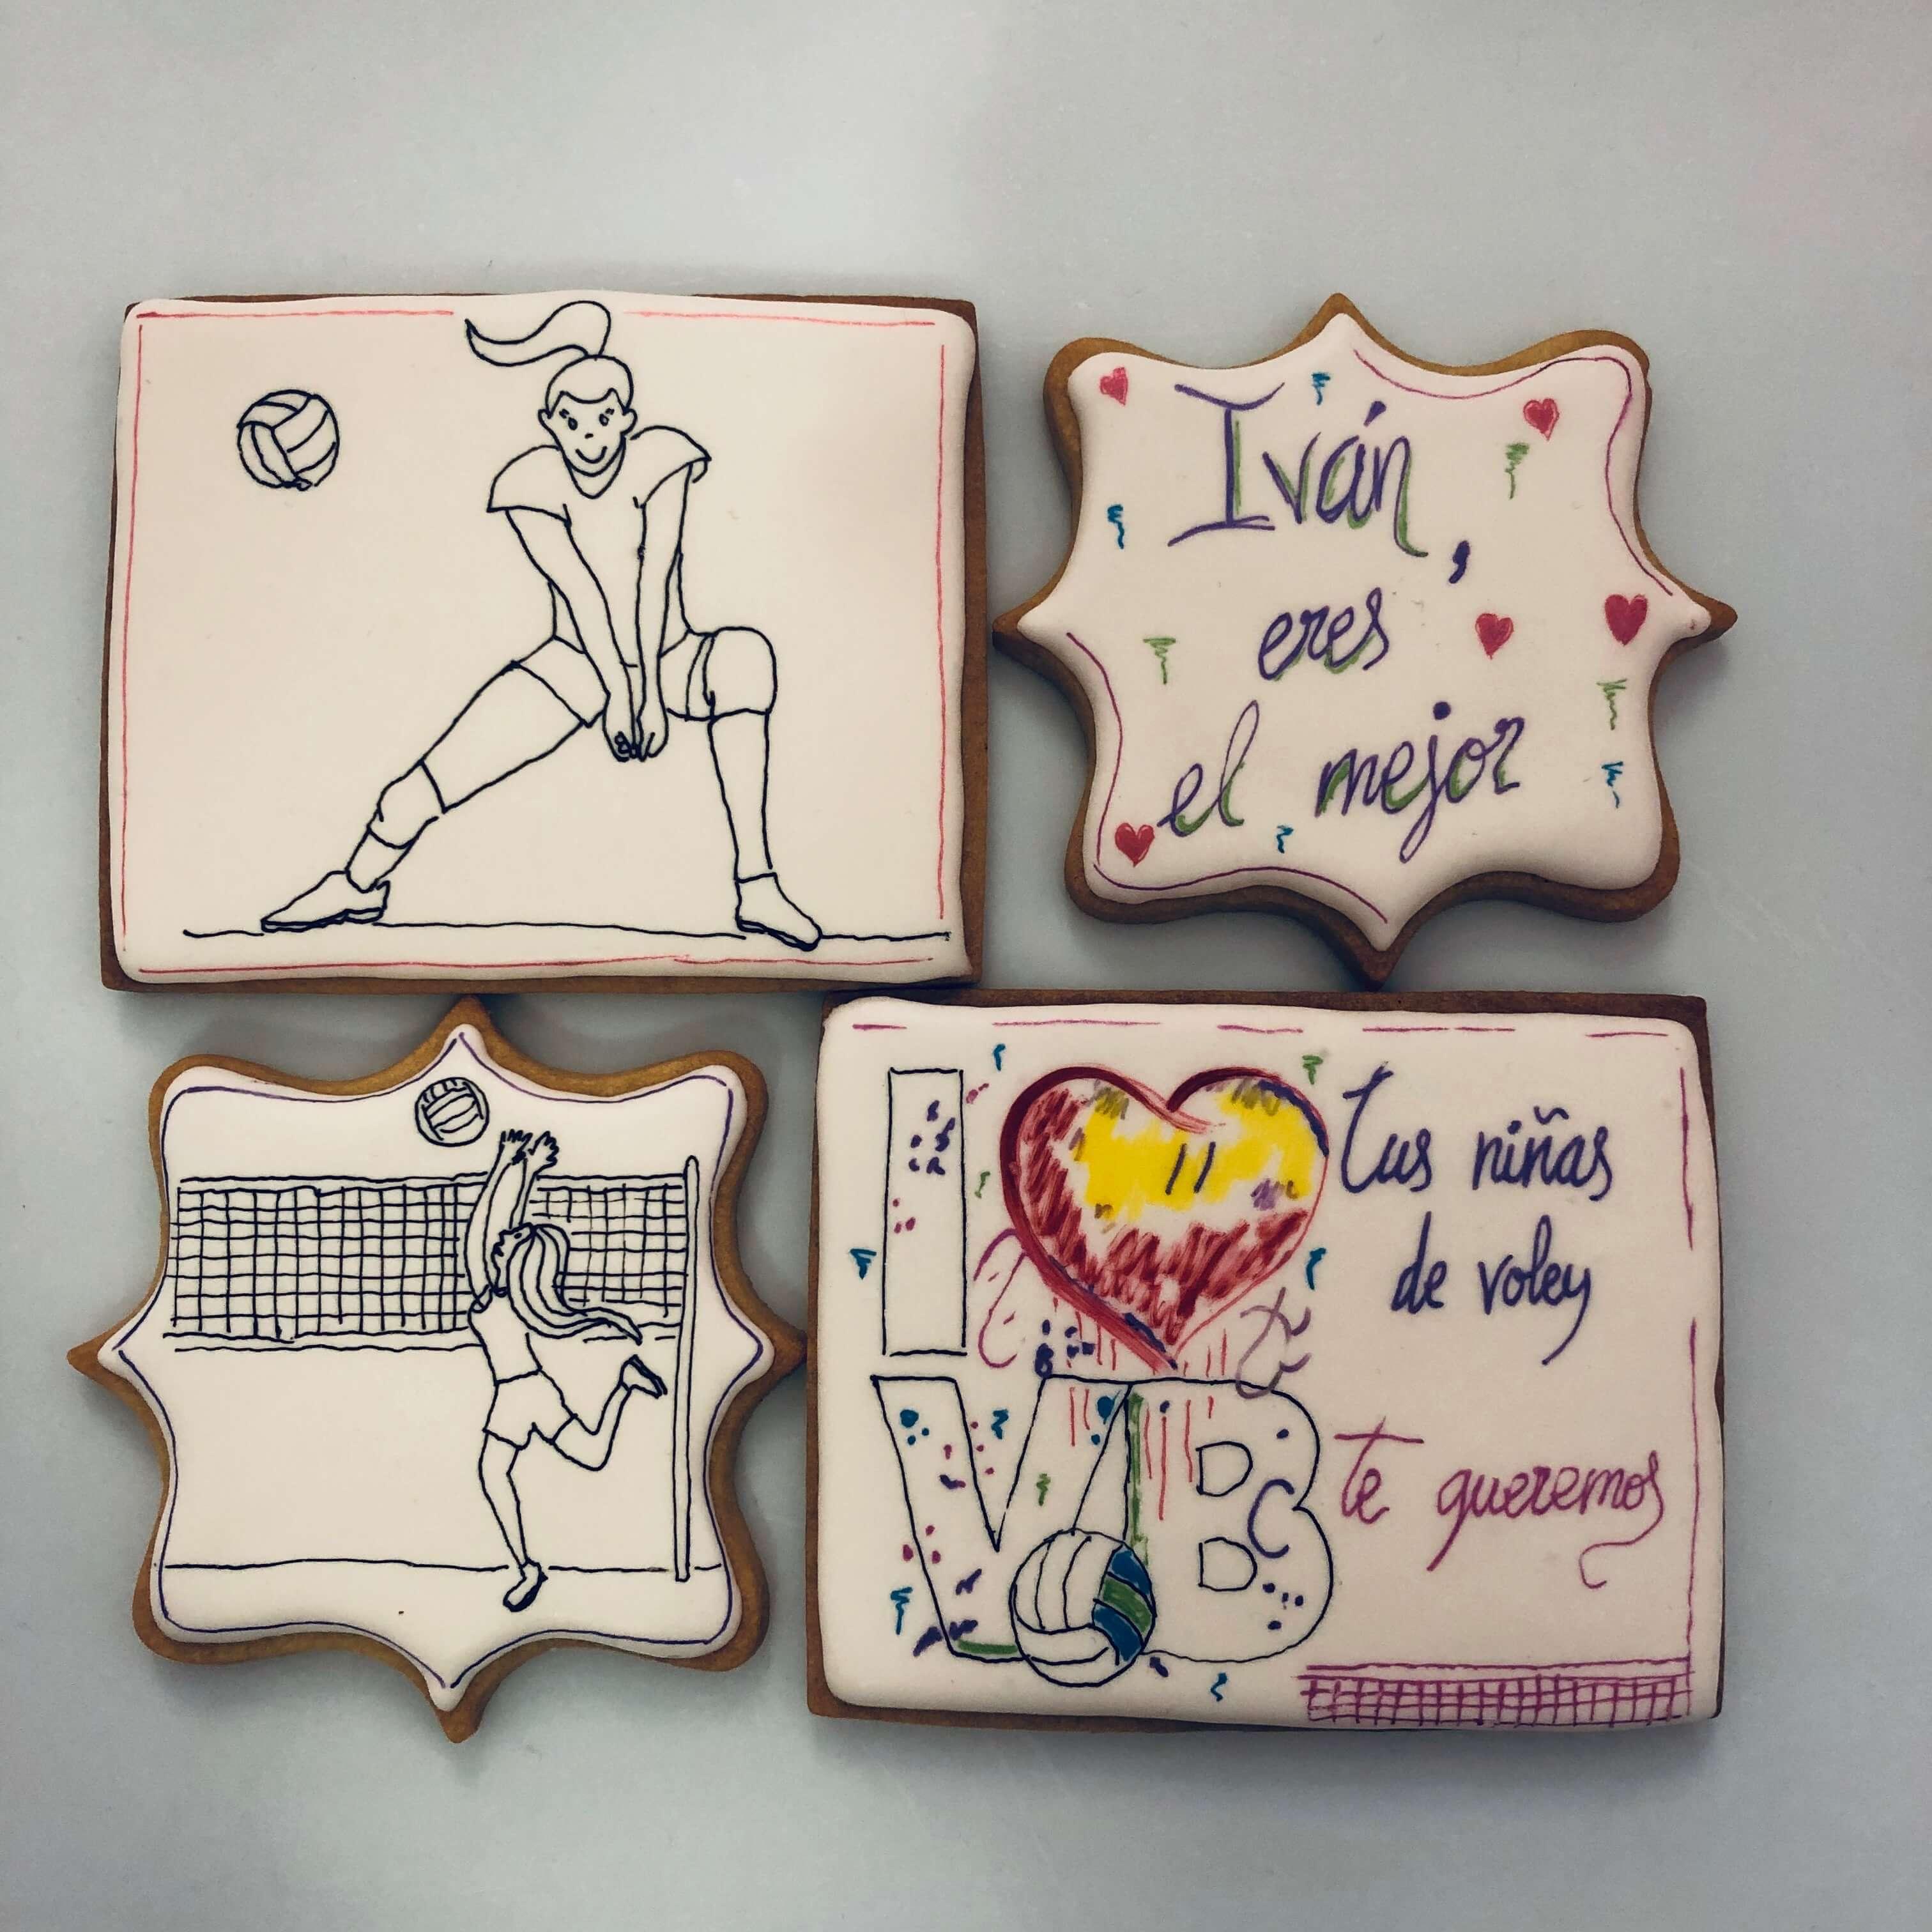 Galletas decoradas deportes voleibol coruña personalizada